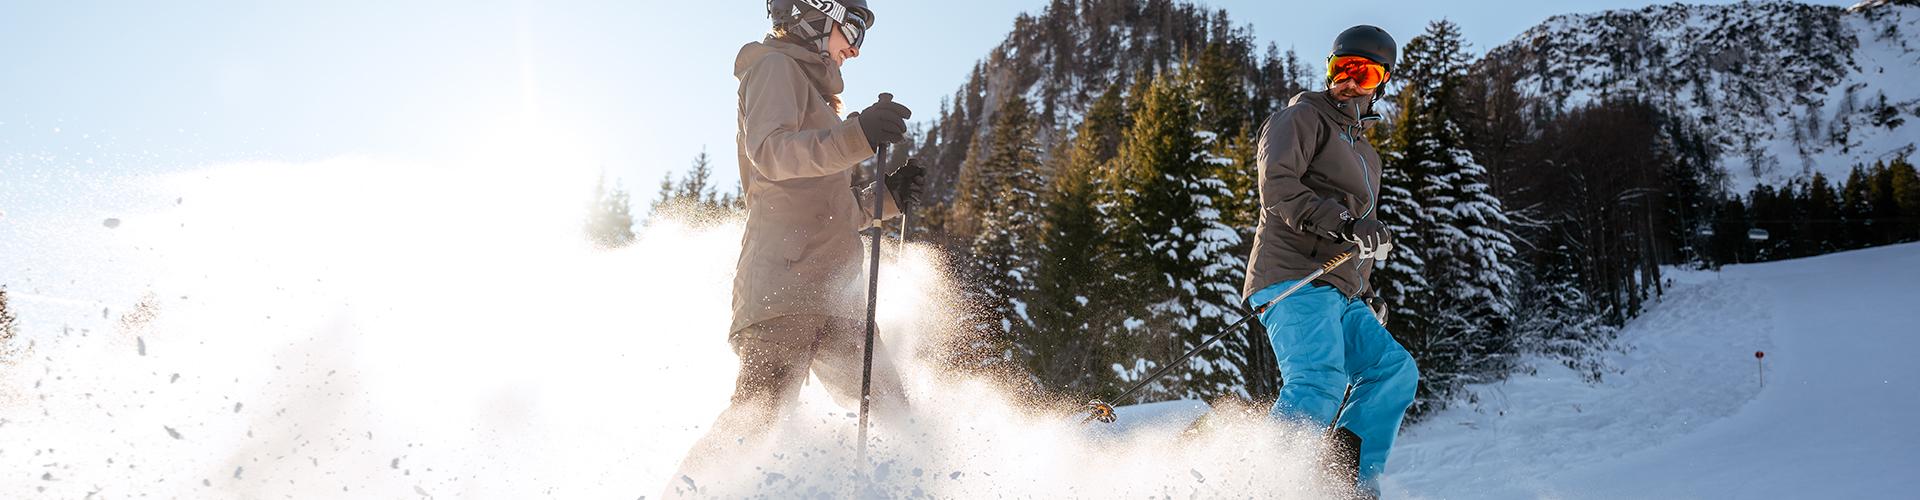 Loser Skifahren Schnee Aufwirbeln